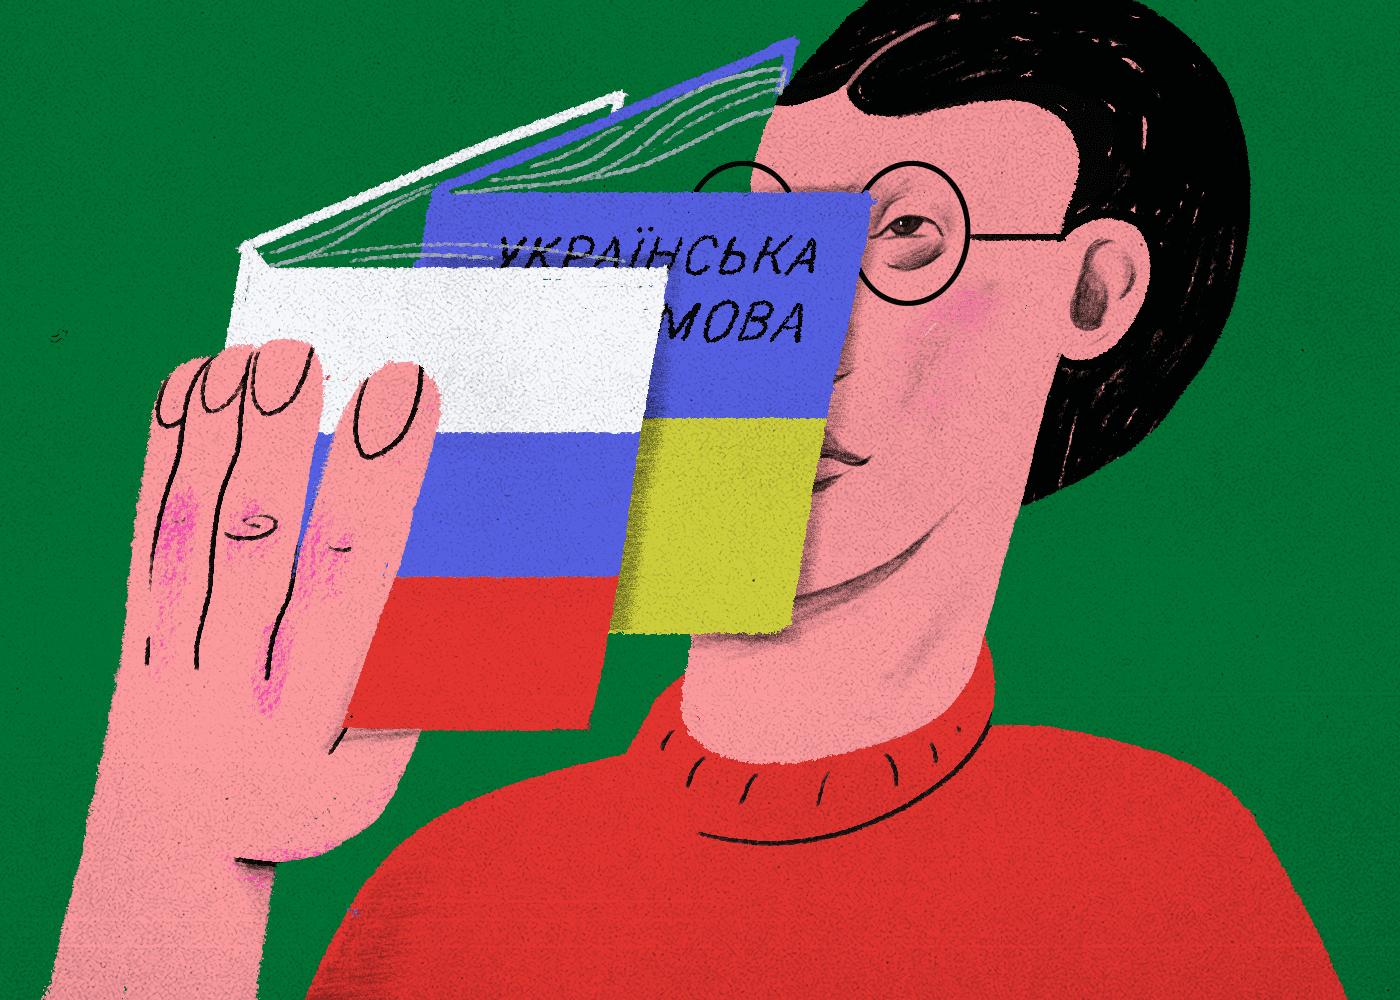 donbas abiturients 4 - <b>Юність в окупації:</b> як підлітки з Донбасу намагаються вступити до вишів Росії, України та залишаються в «ЛДНР» - Заборона